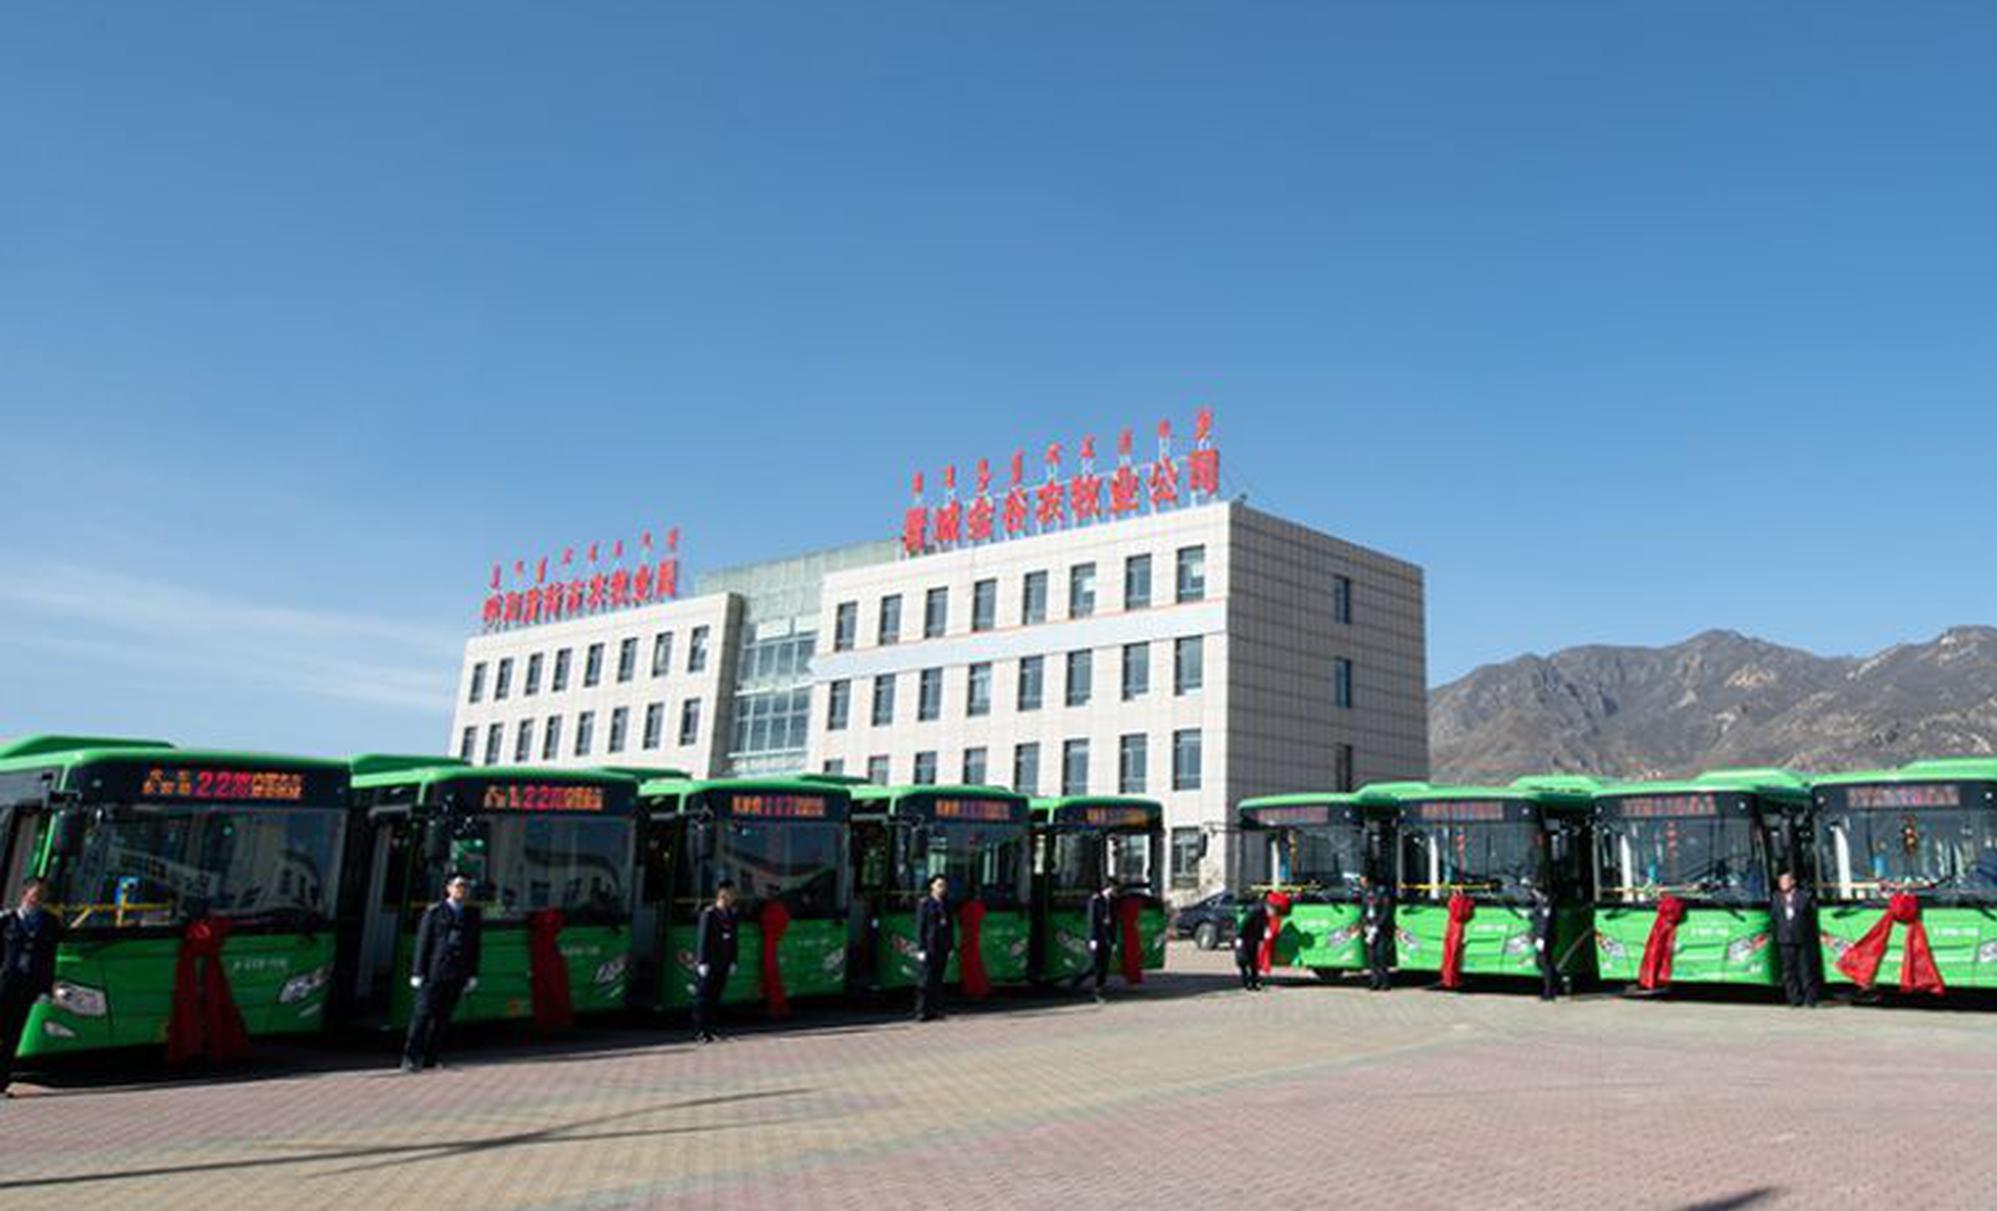 呼和浩特市西部城区开通公交新线路【附线路图】